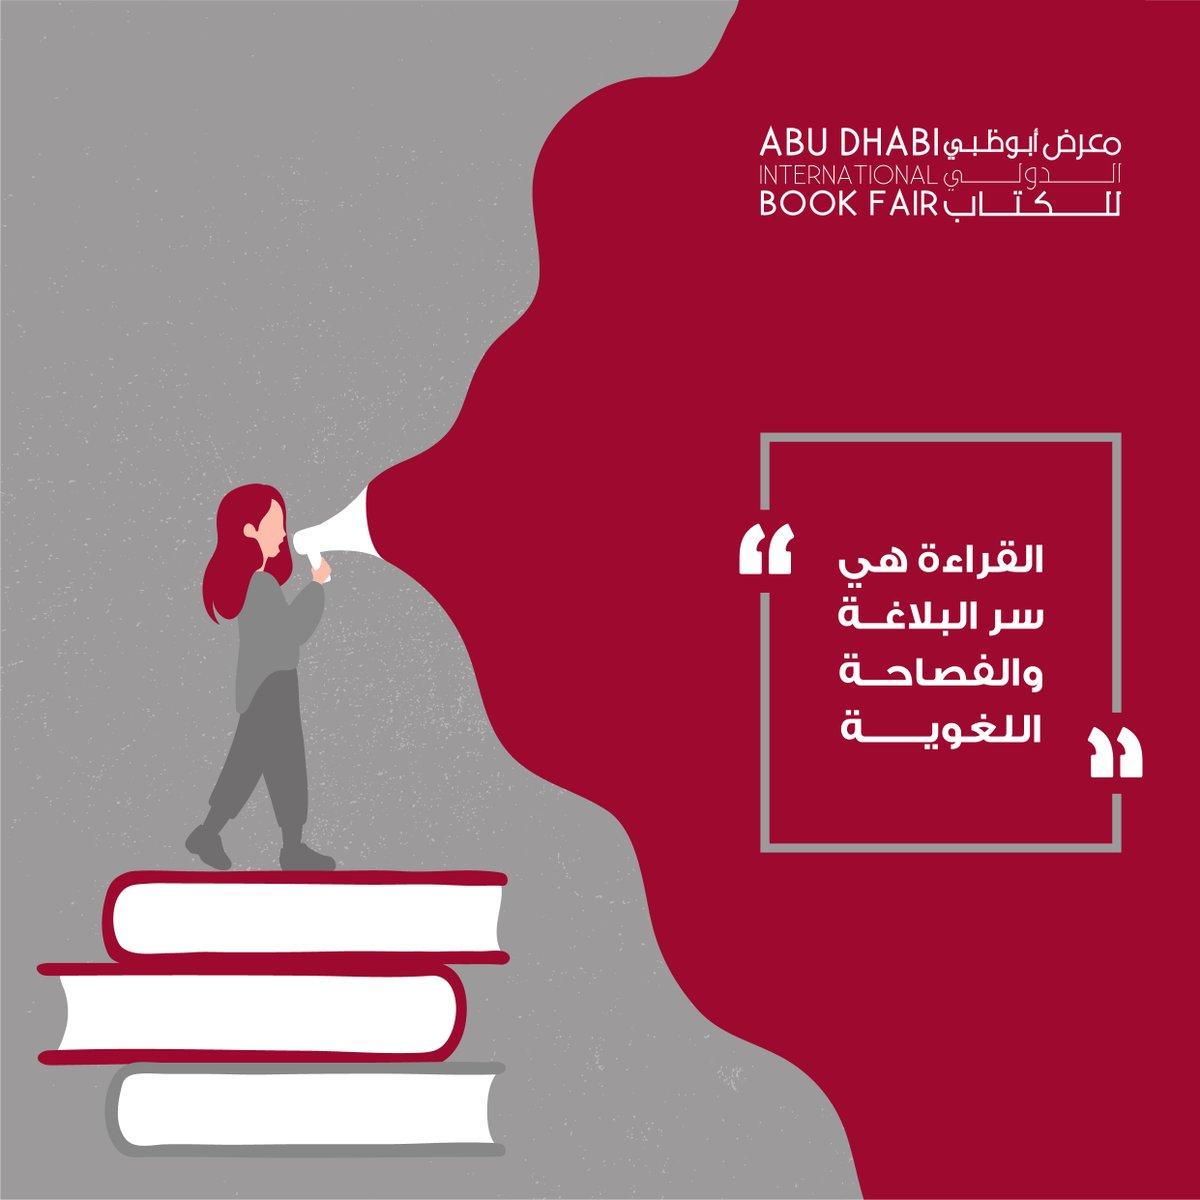 القراءة هي سر البلاغة والفصاحة اللغوية  #اليوم_العالمي_للصحة_النفسية #معرض_أبوظبي_الدولي_للكتاب #قراءة #كتاب #ثقافة #في_أبوظبي #ثقافة_للجميع . . . Reading is the secret of eloquence  #WorldMentalHealthDay #ADIBF #Reading #Books #Culture #InAbuDhabi #CulturAll https://t.co/Y2zODkUiIs